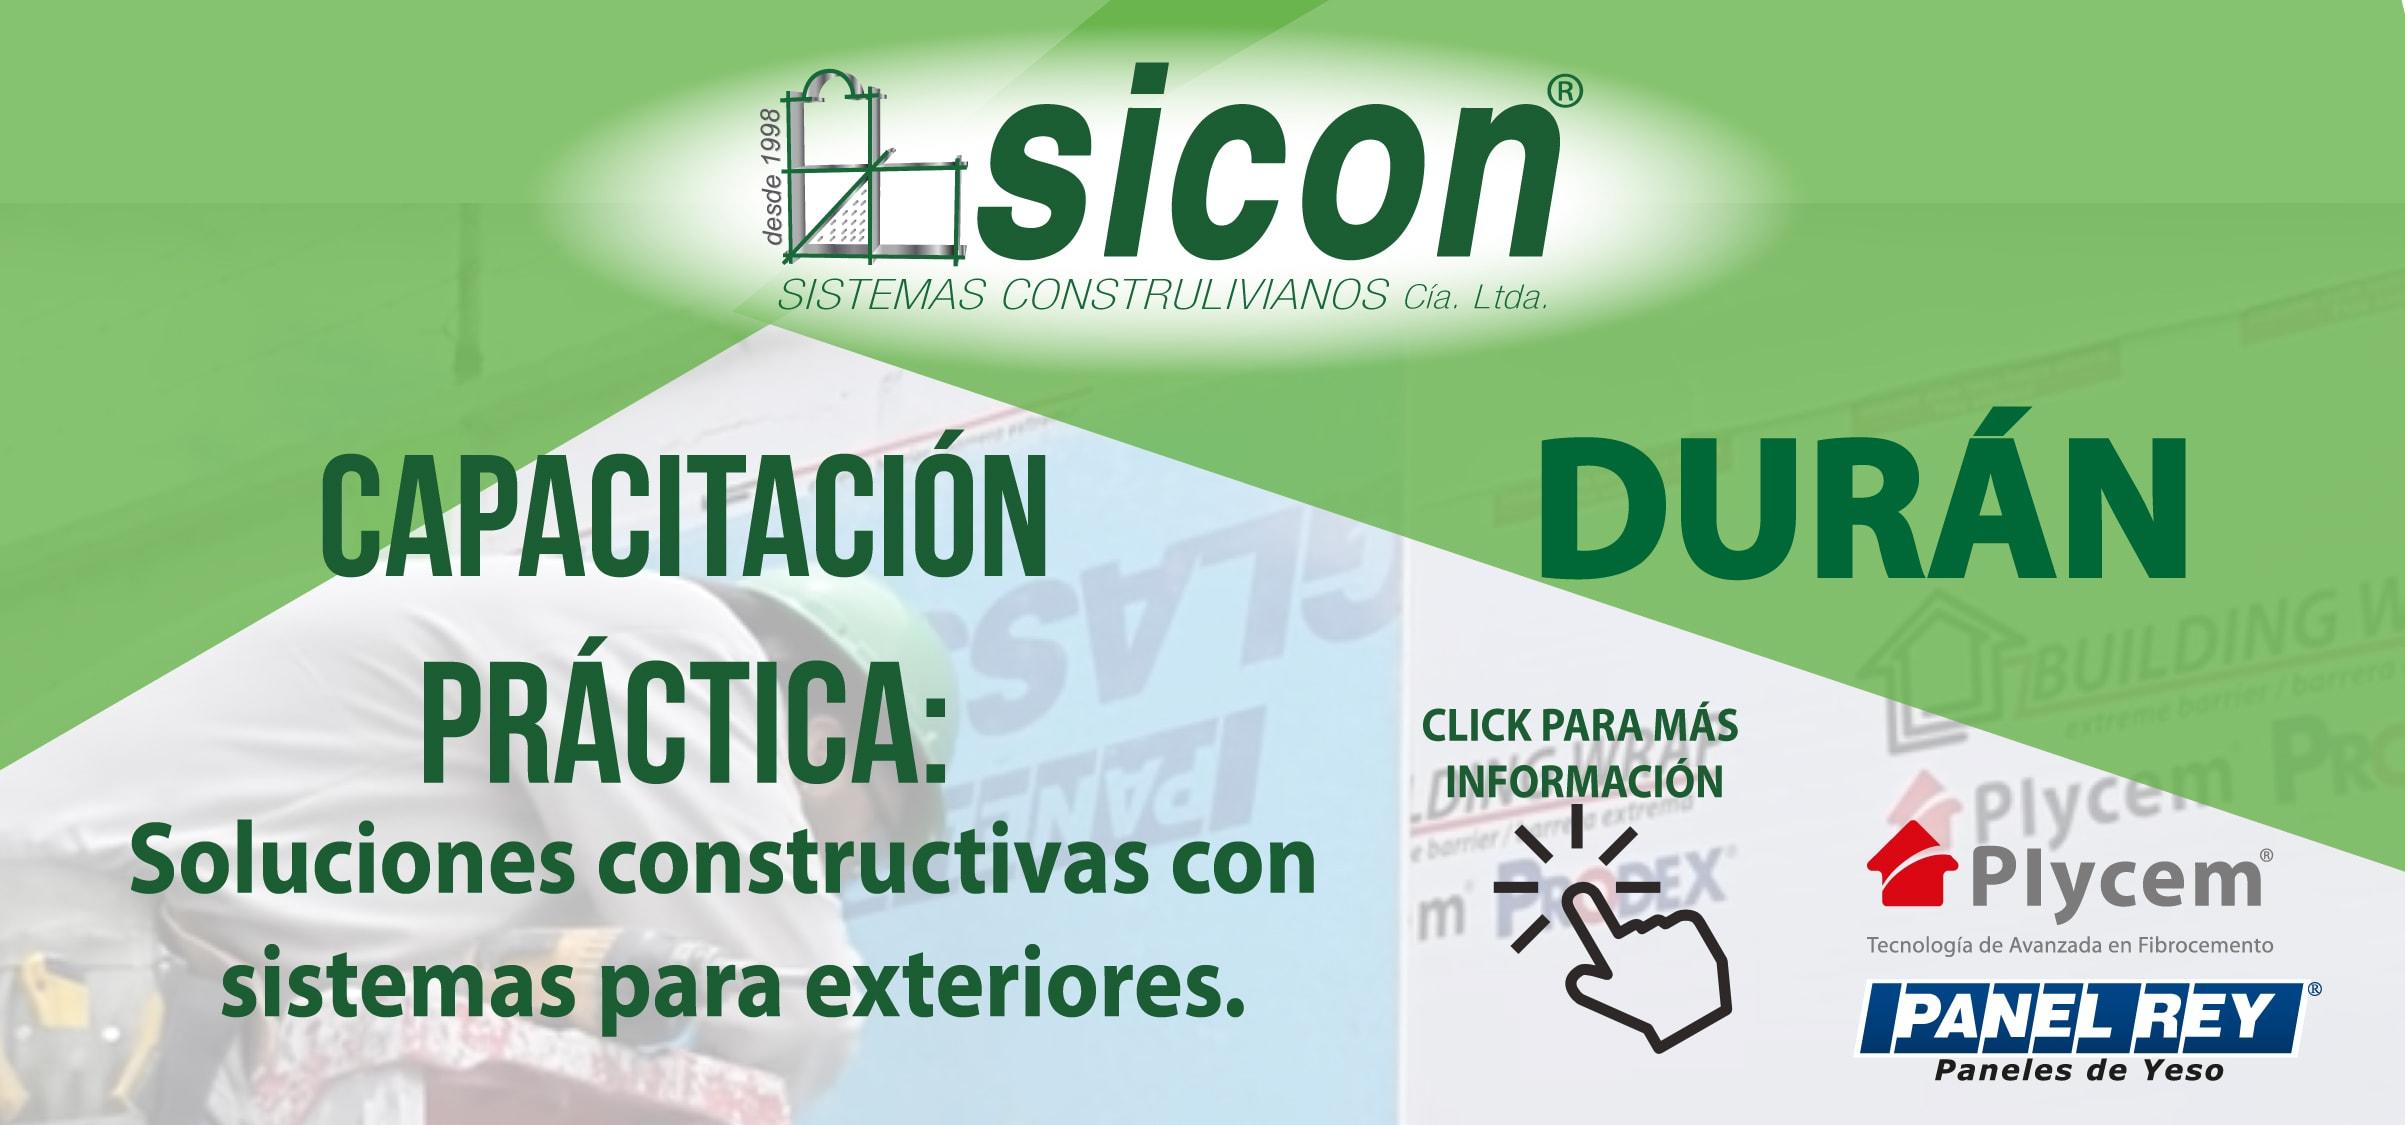 Sicon-Gypsum